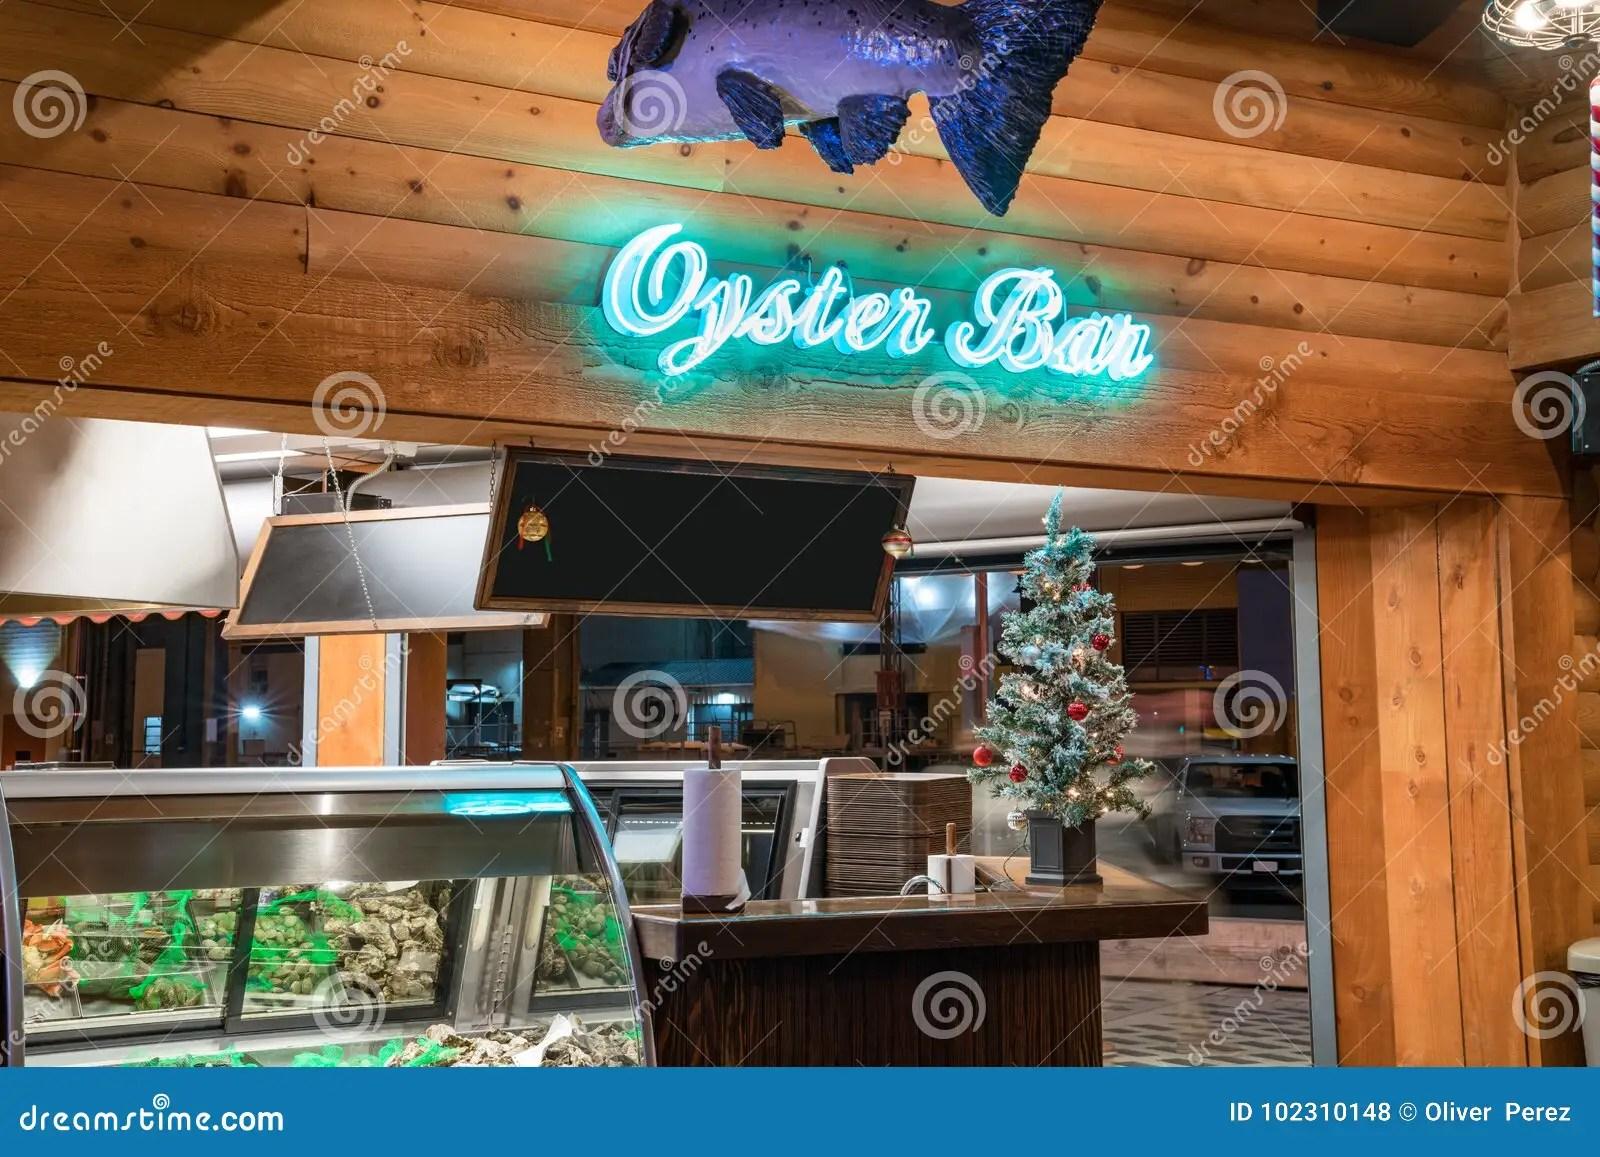 primal kitchen bars design rochester ny 牡蛎酒吧编辑类库存照片 图片包括有美食 烤肉 膳食 厨房 开口 海鲜 海鲜牡蛎酒吧被阐明的霓虹灯广告